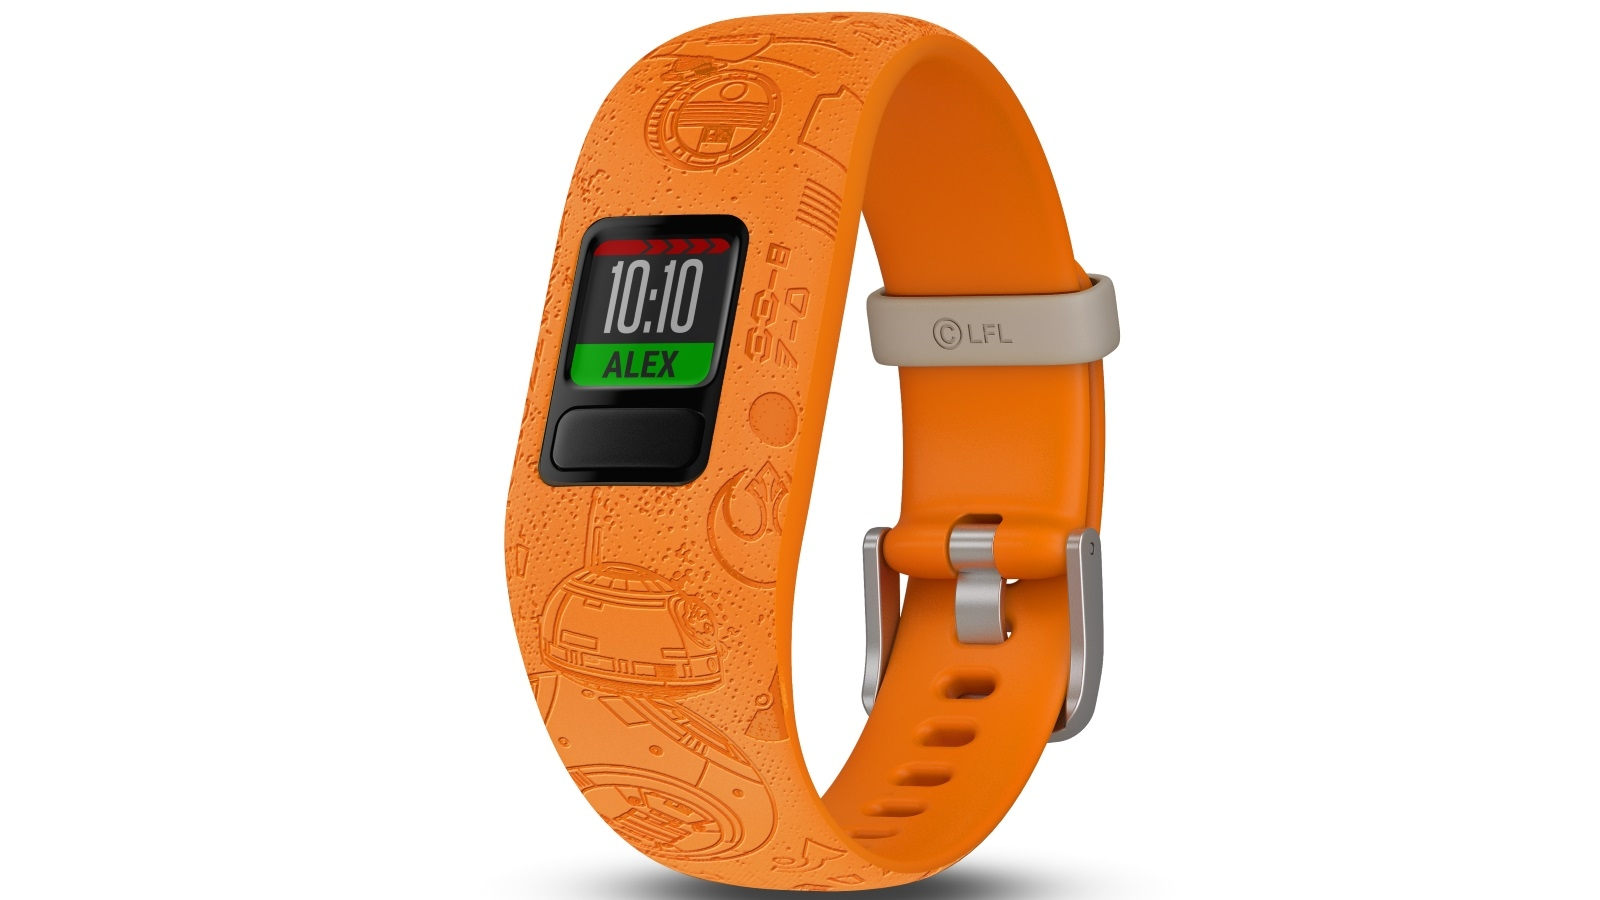 Image of Garmin Light Side Vivofit Jr 2 Adjustable Activity Tracker